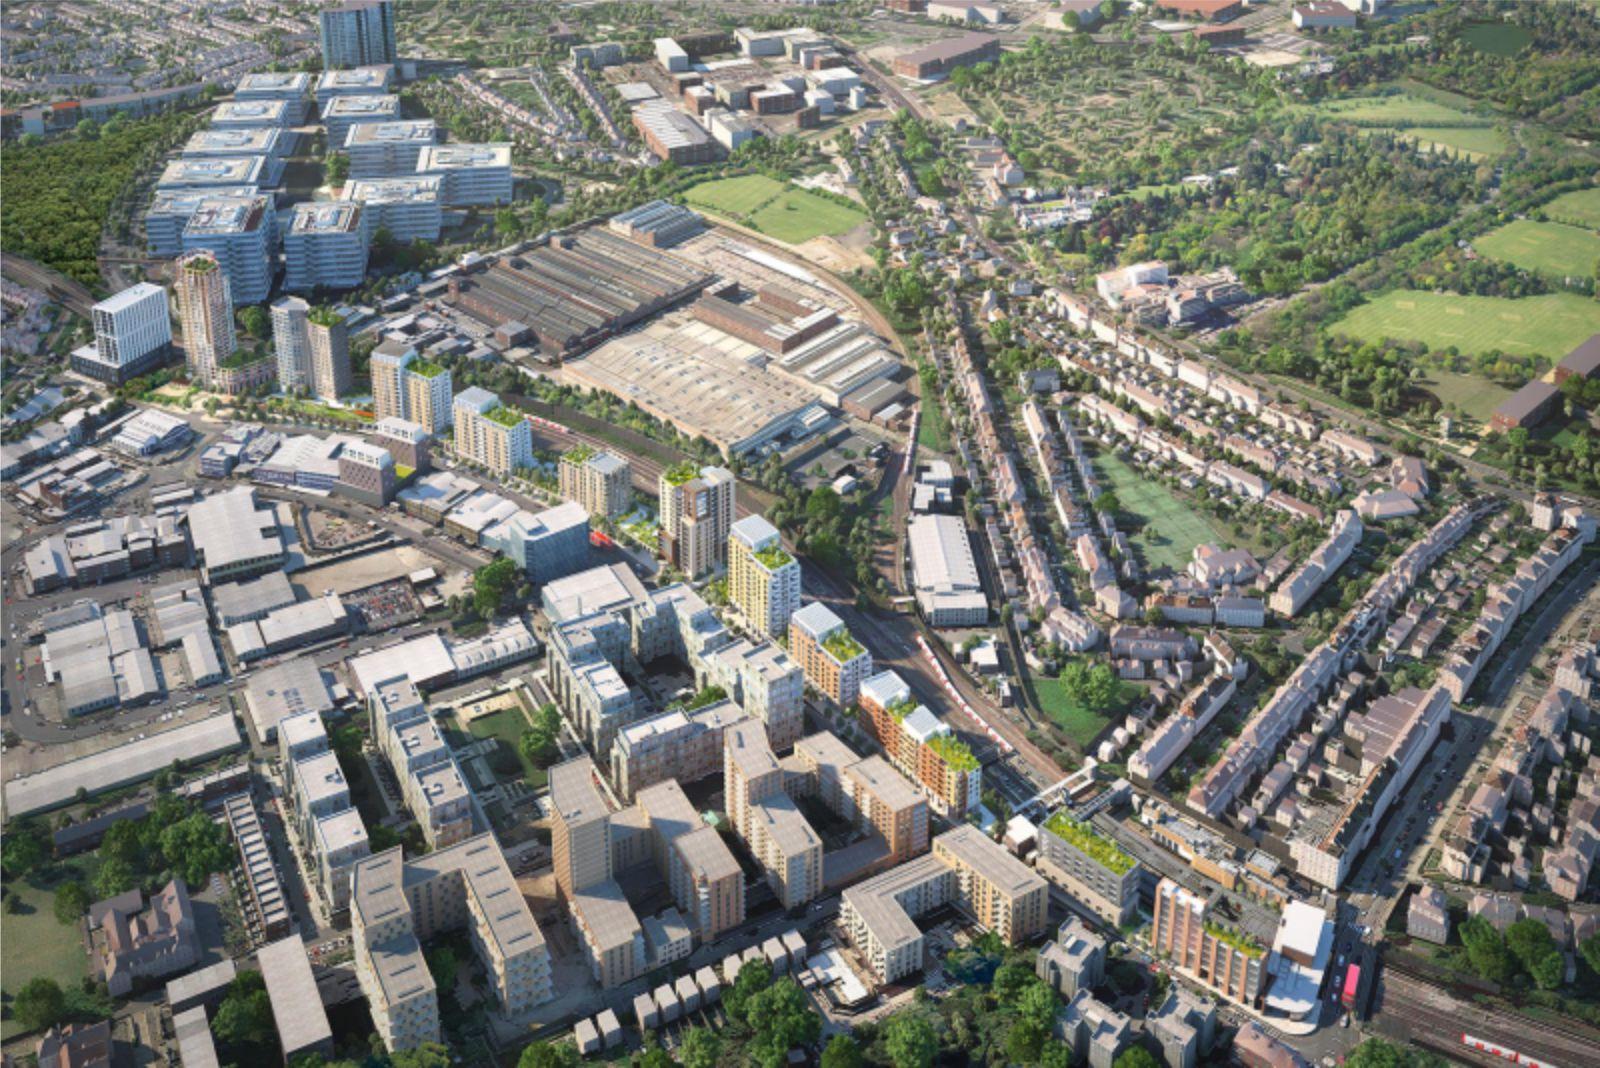 transforms underutilized land along Underground lines